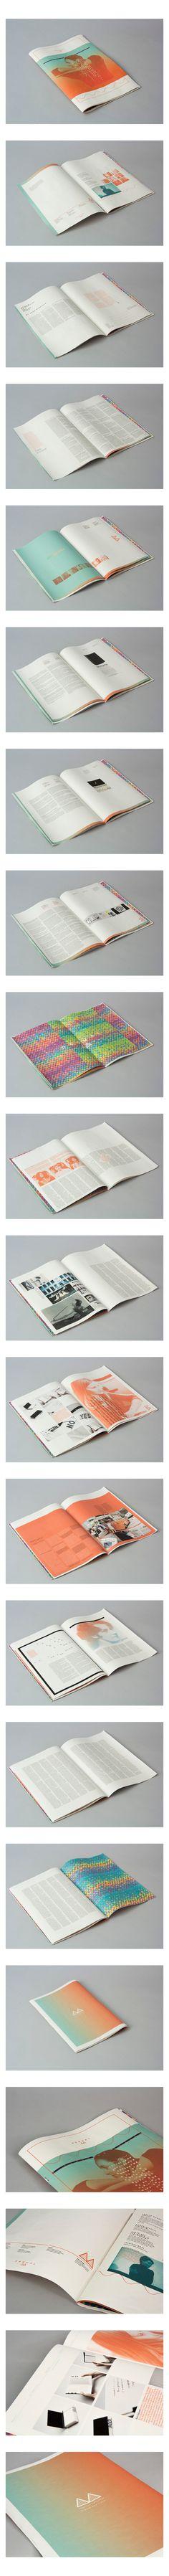 D E Q U A L - Design Paper - no. 1 by Anders Wallner, via Behance